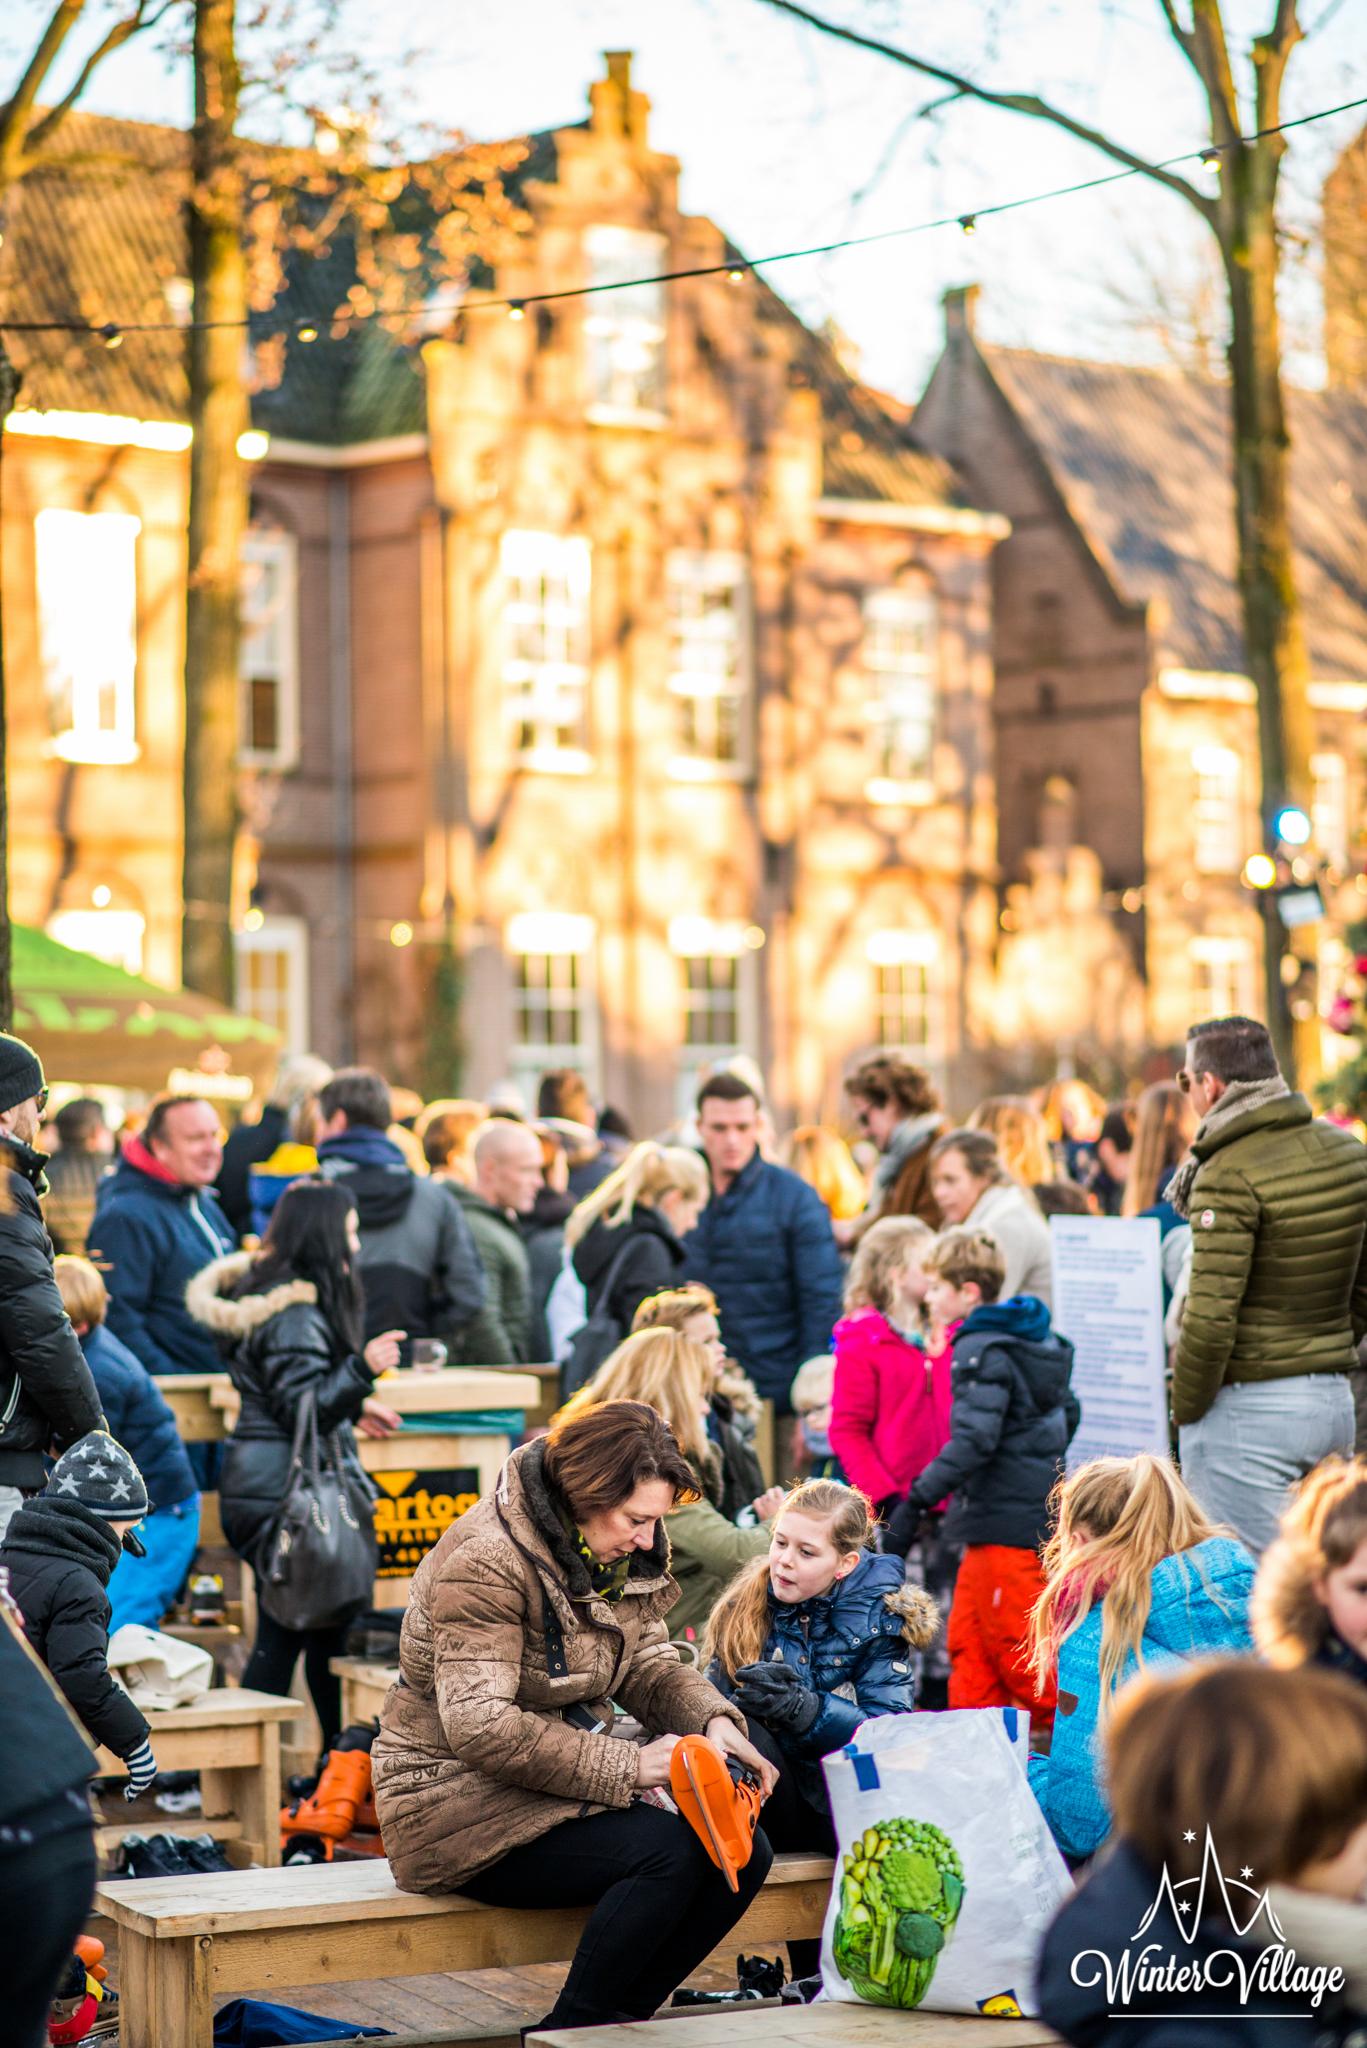 Winter Village Laren Bezoekers